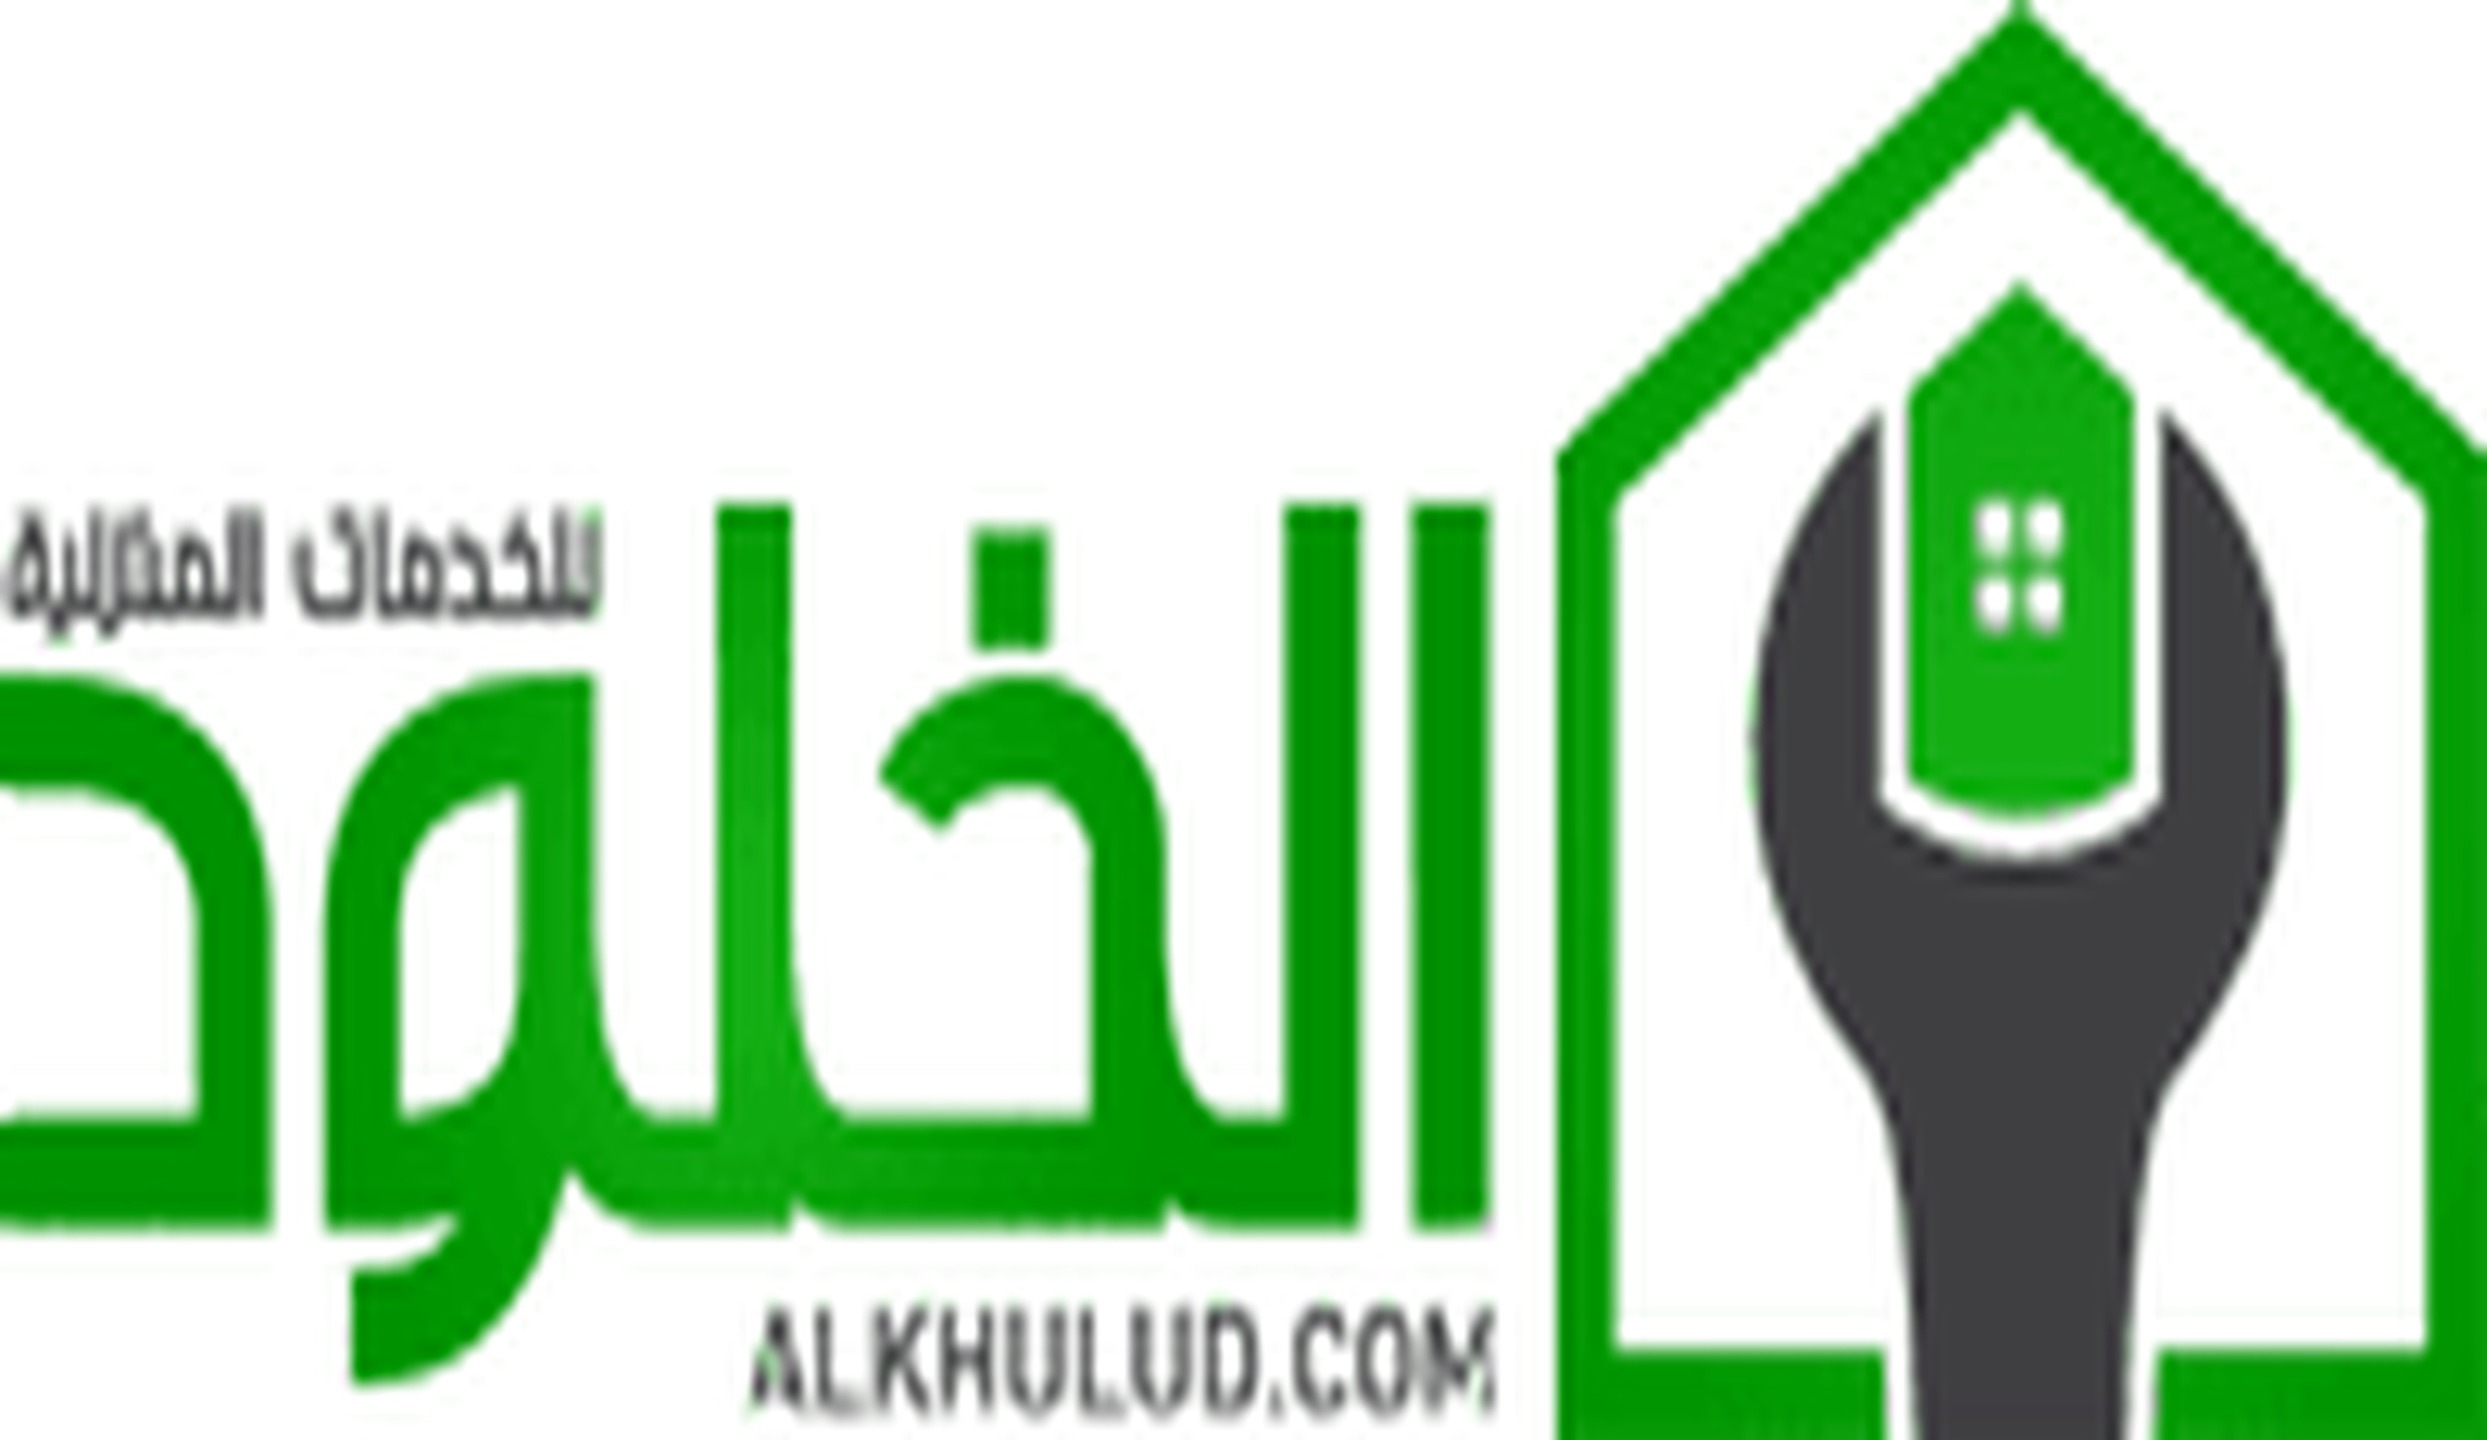 شركة جلي رخام بالمدينة المنورة | 0509022041 (@alkhulud) Cover Image